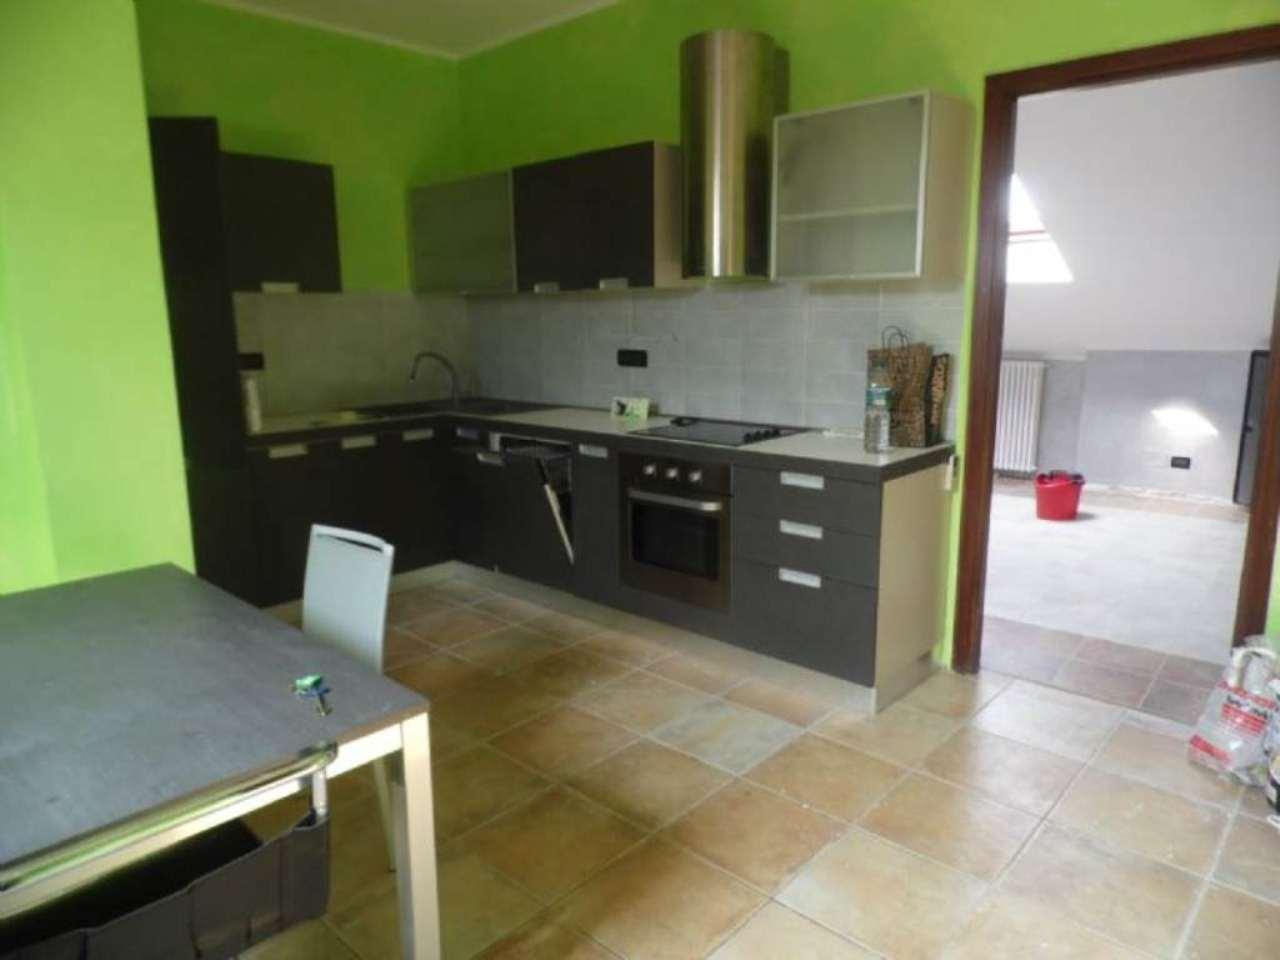 Appartamento in vendita a Borgaro Torinese, 2 locali, prezzo € 79.000 | CambioCasa.it